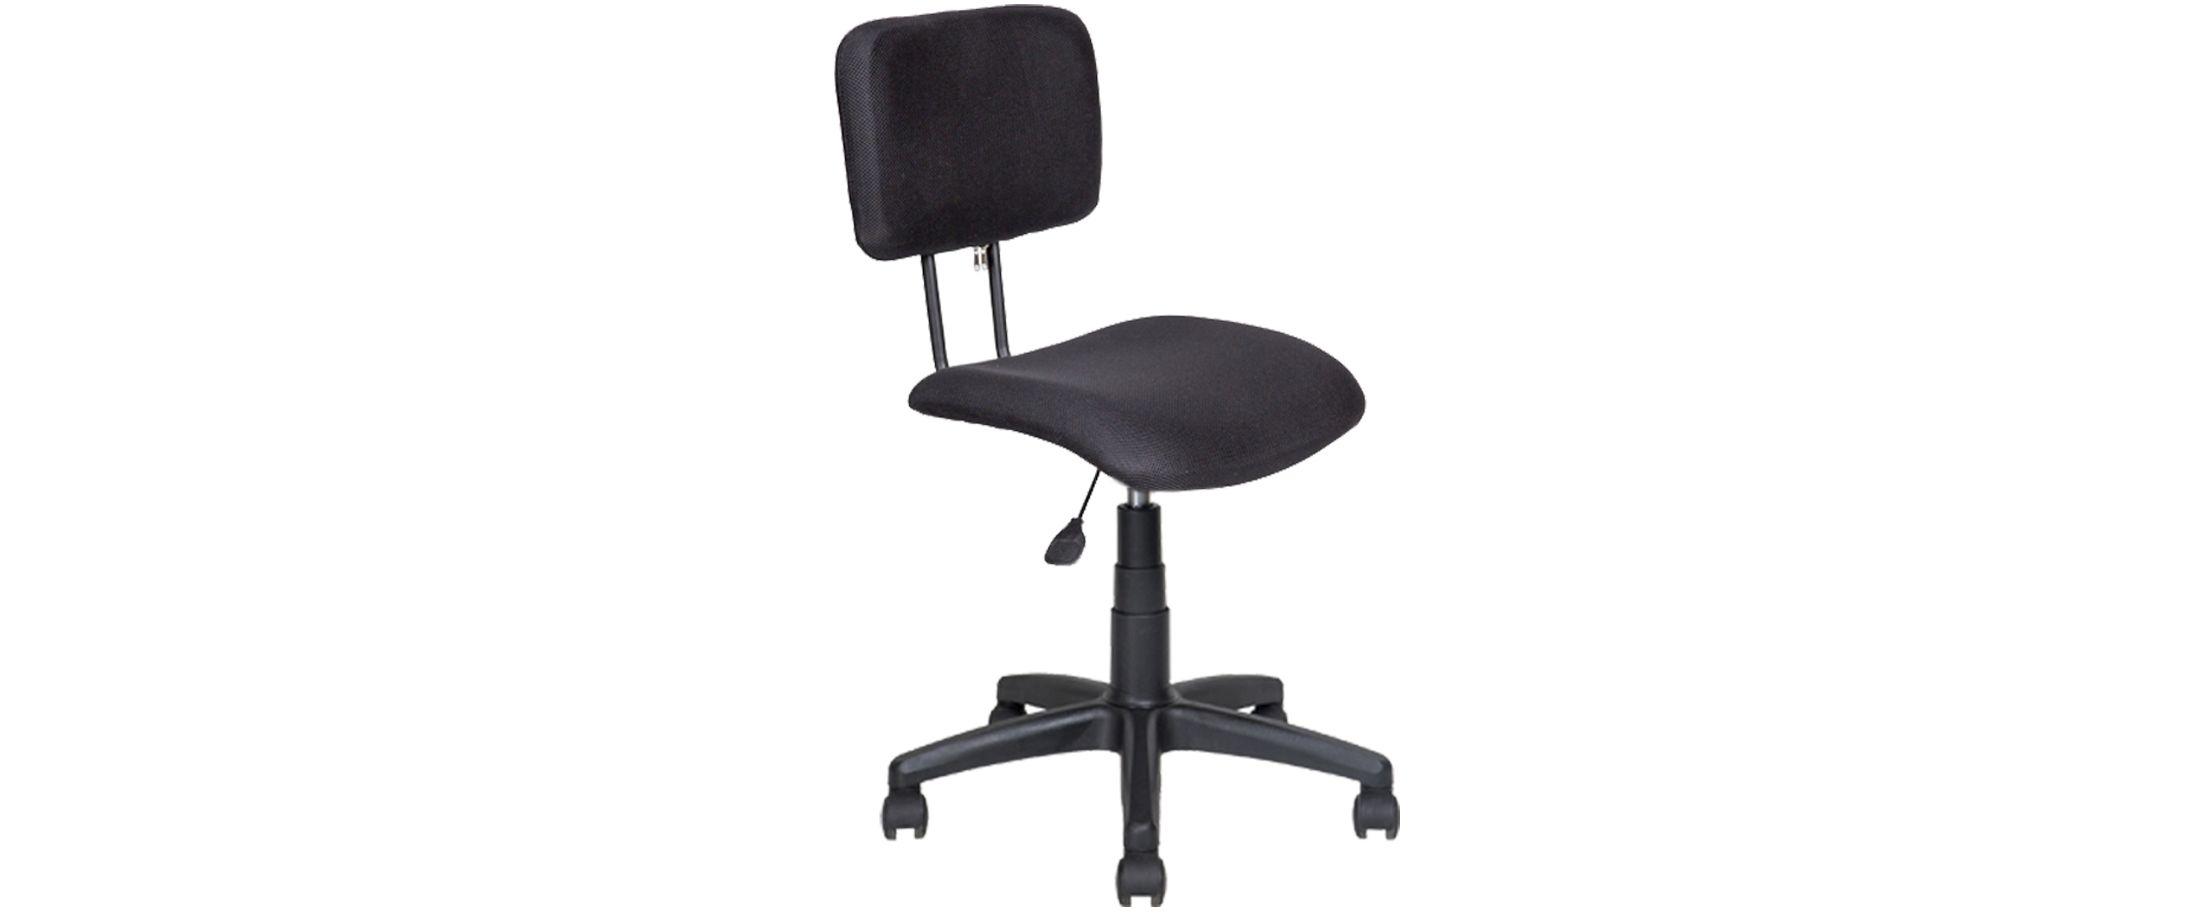 Кресло офисное AV 218 цвет черный Модель 999Кресло офисное AV 218 цвет черный Модель 999. Артикул Д000746<br><br>Ширина см: 40<br>Глубина см: 40<br>Высота см: 89<br>Цвет: Черный